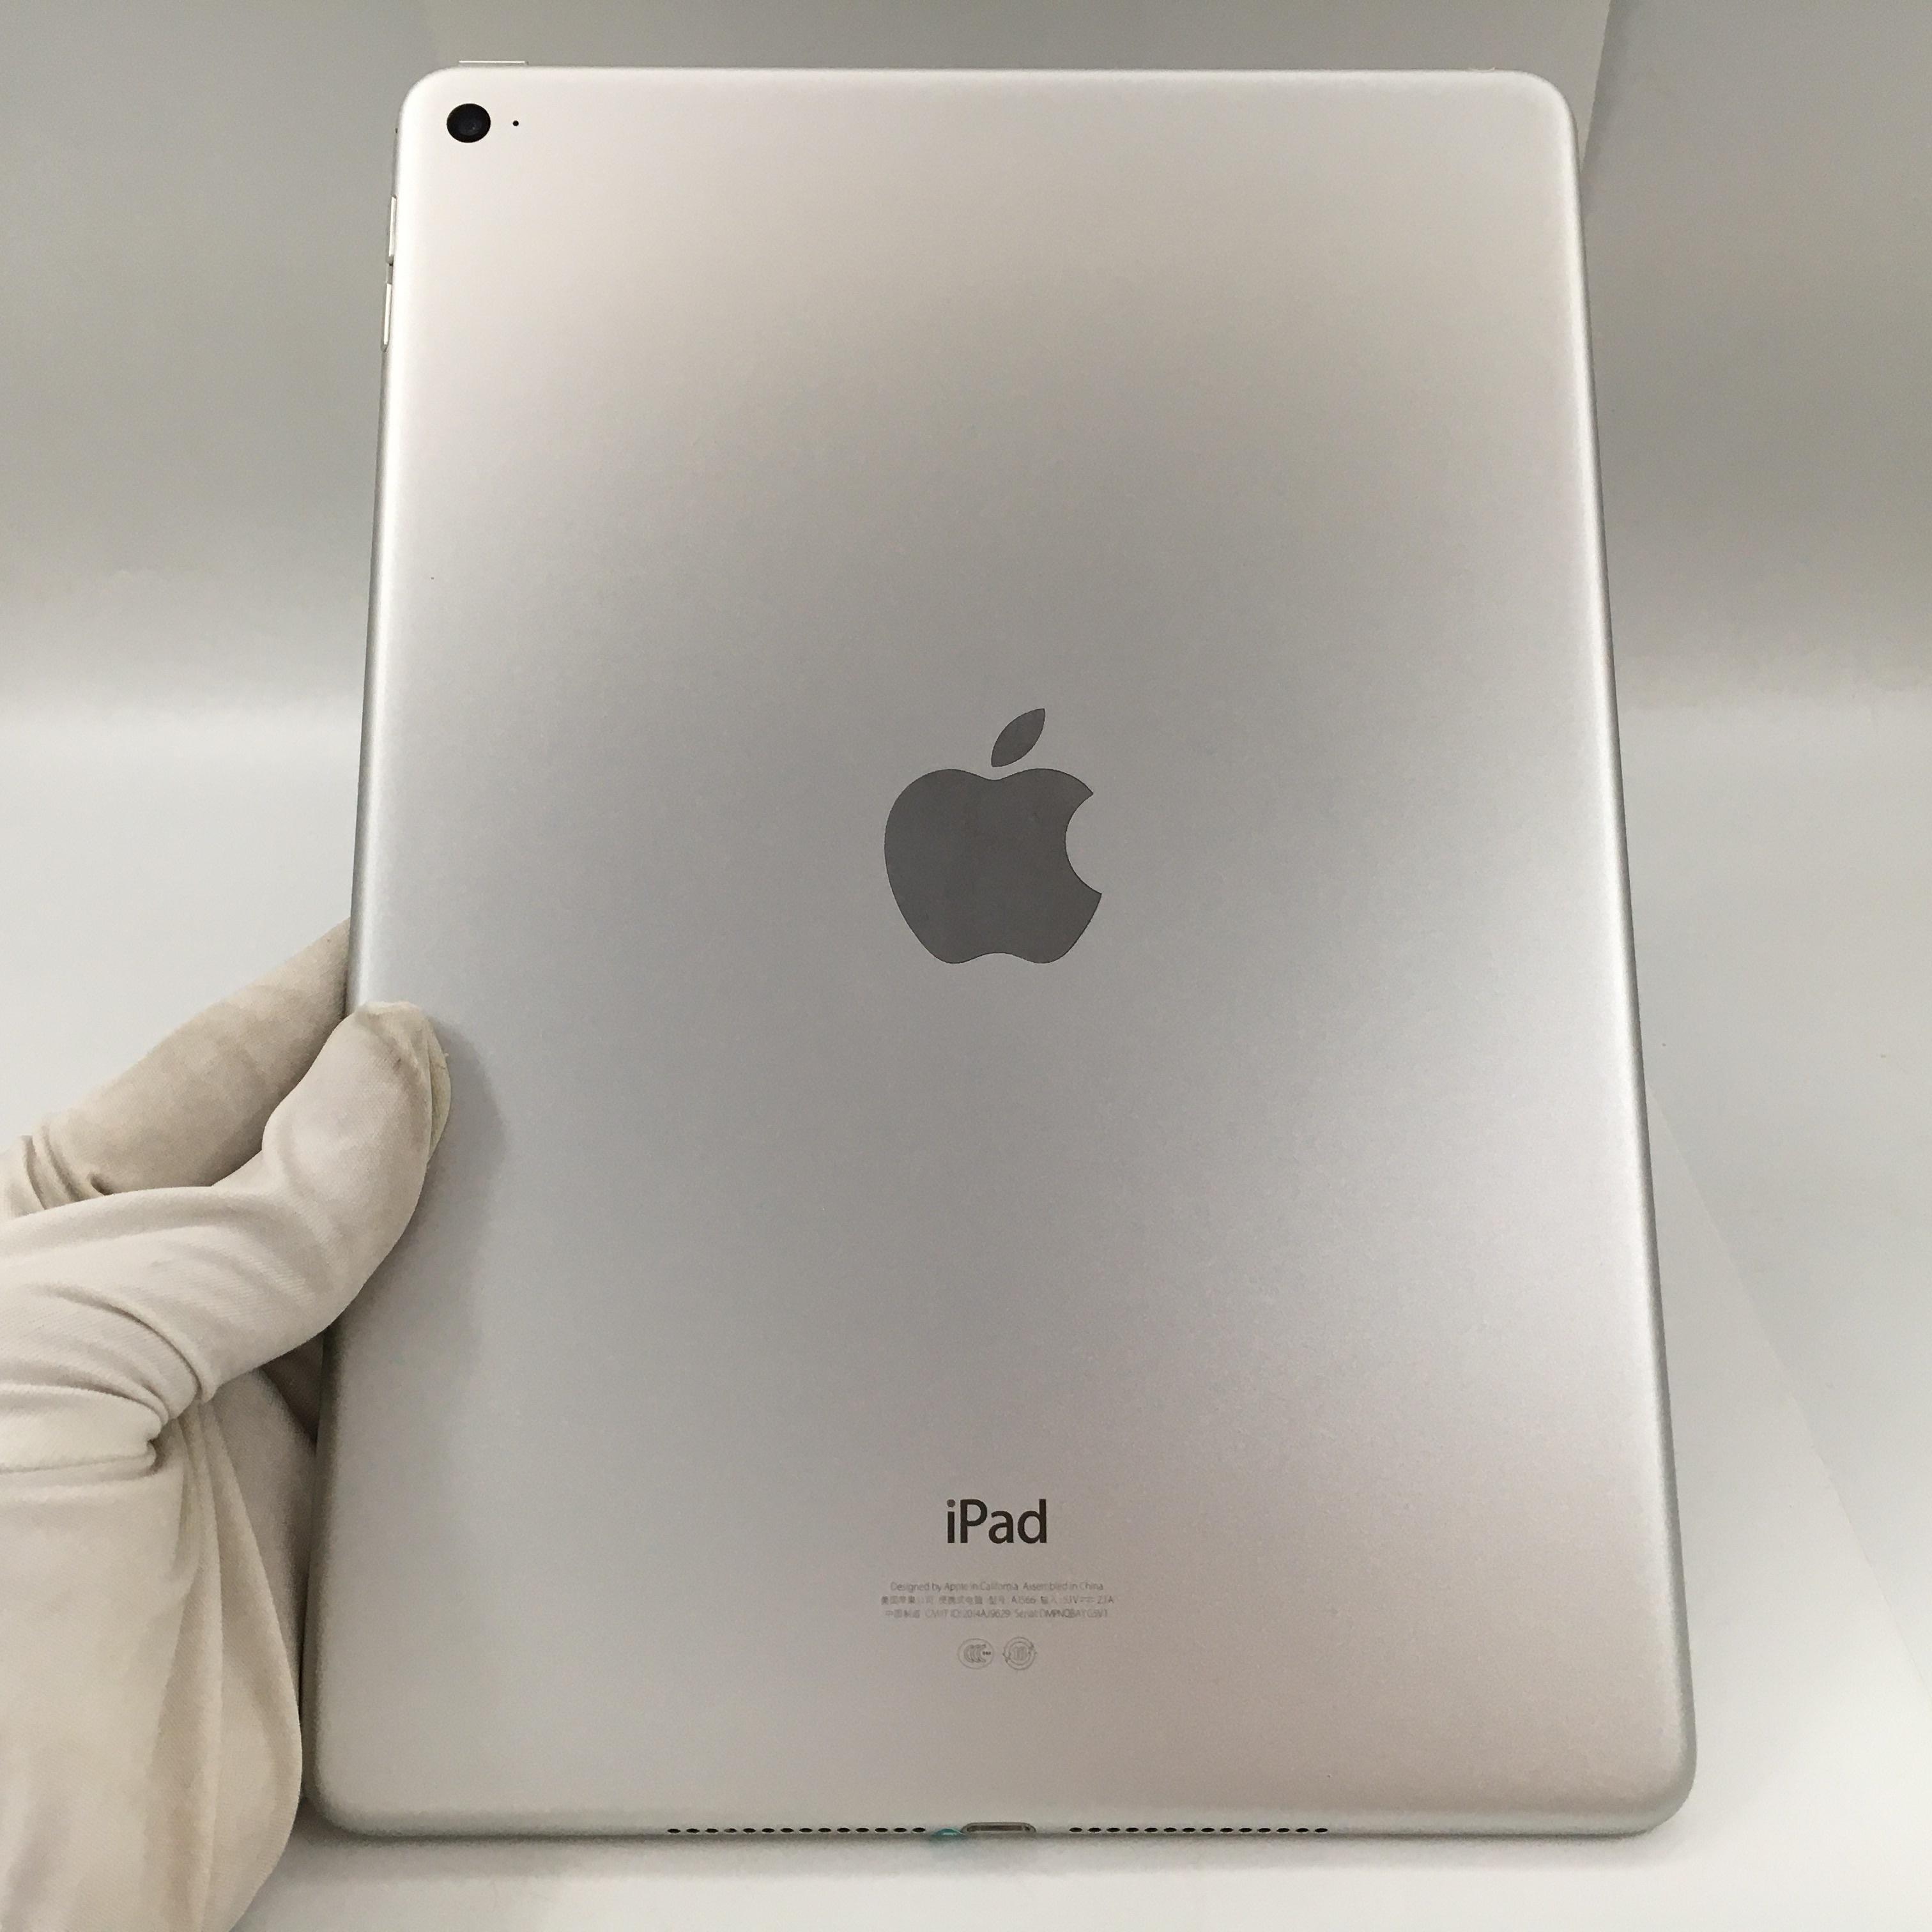 苹果【iPad Air 2】WIFI版 银色 16G 国行 95新